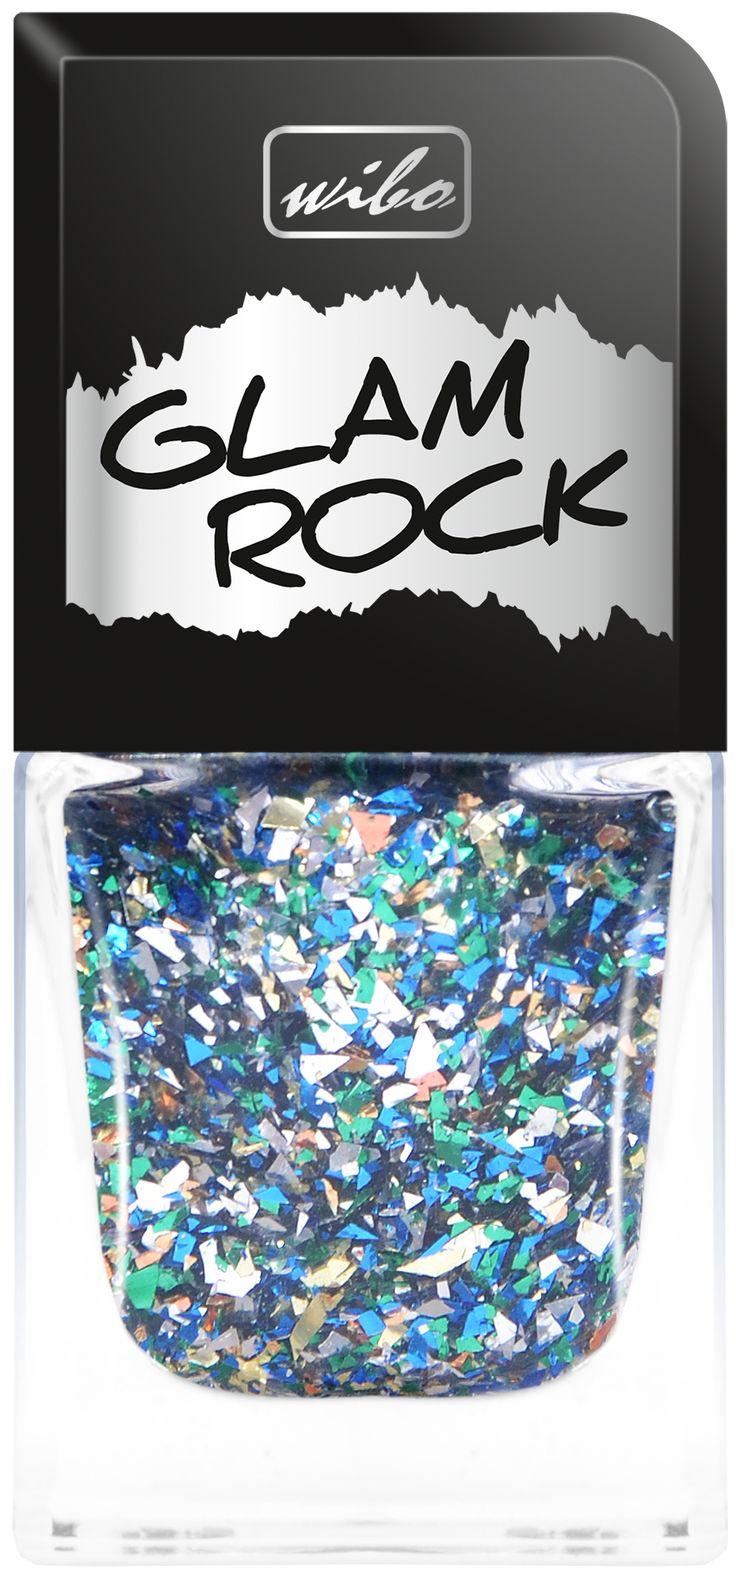 Wybierz GLAMOUR manicure!  Dla stworzenia manicure w odsłonie GLAMOUR idealny będzie nawierzchniowy lakier do paznokci Wibo, Glam Rock. Na dowolny lakier nałóż brokatowy Top Coat w odcieniach złota, srebra, zieleni i błękitu.  #nails #nailspa #paznokcie #mani #manicure #zadbane #dlonie #kobieta #kosmetyki #wibo #lakier #lakiery #kolor #rock #leather #blyszczace